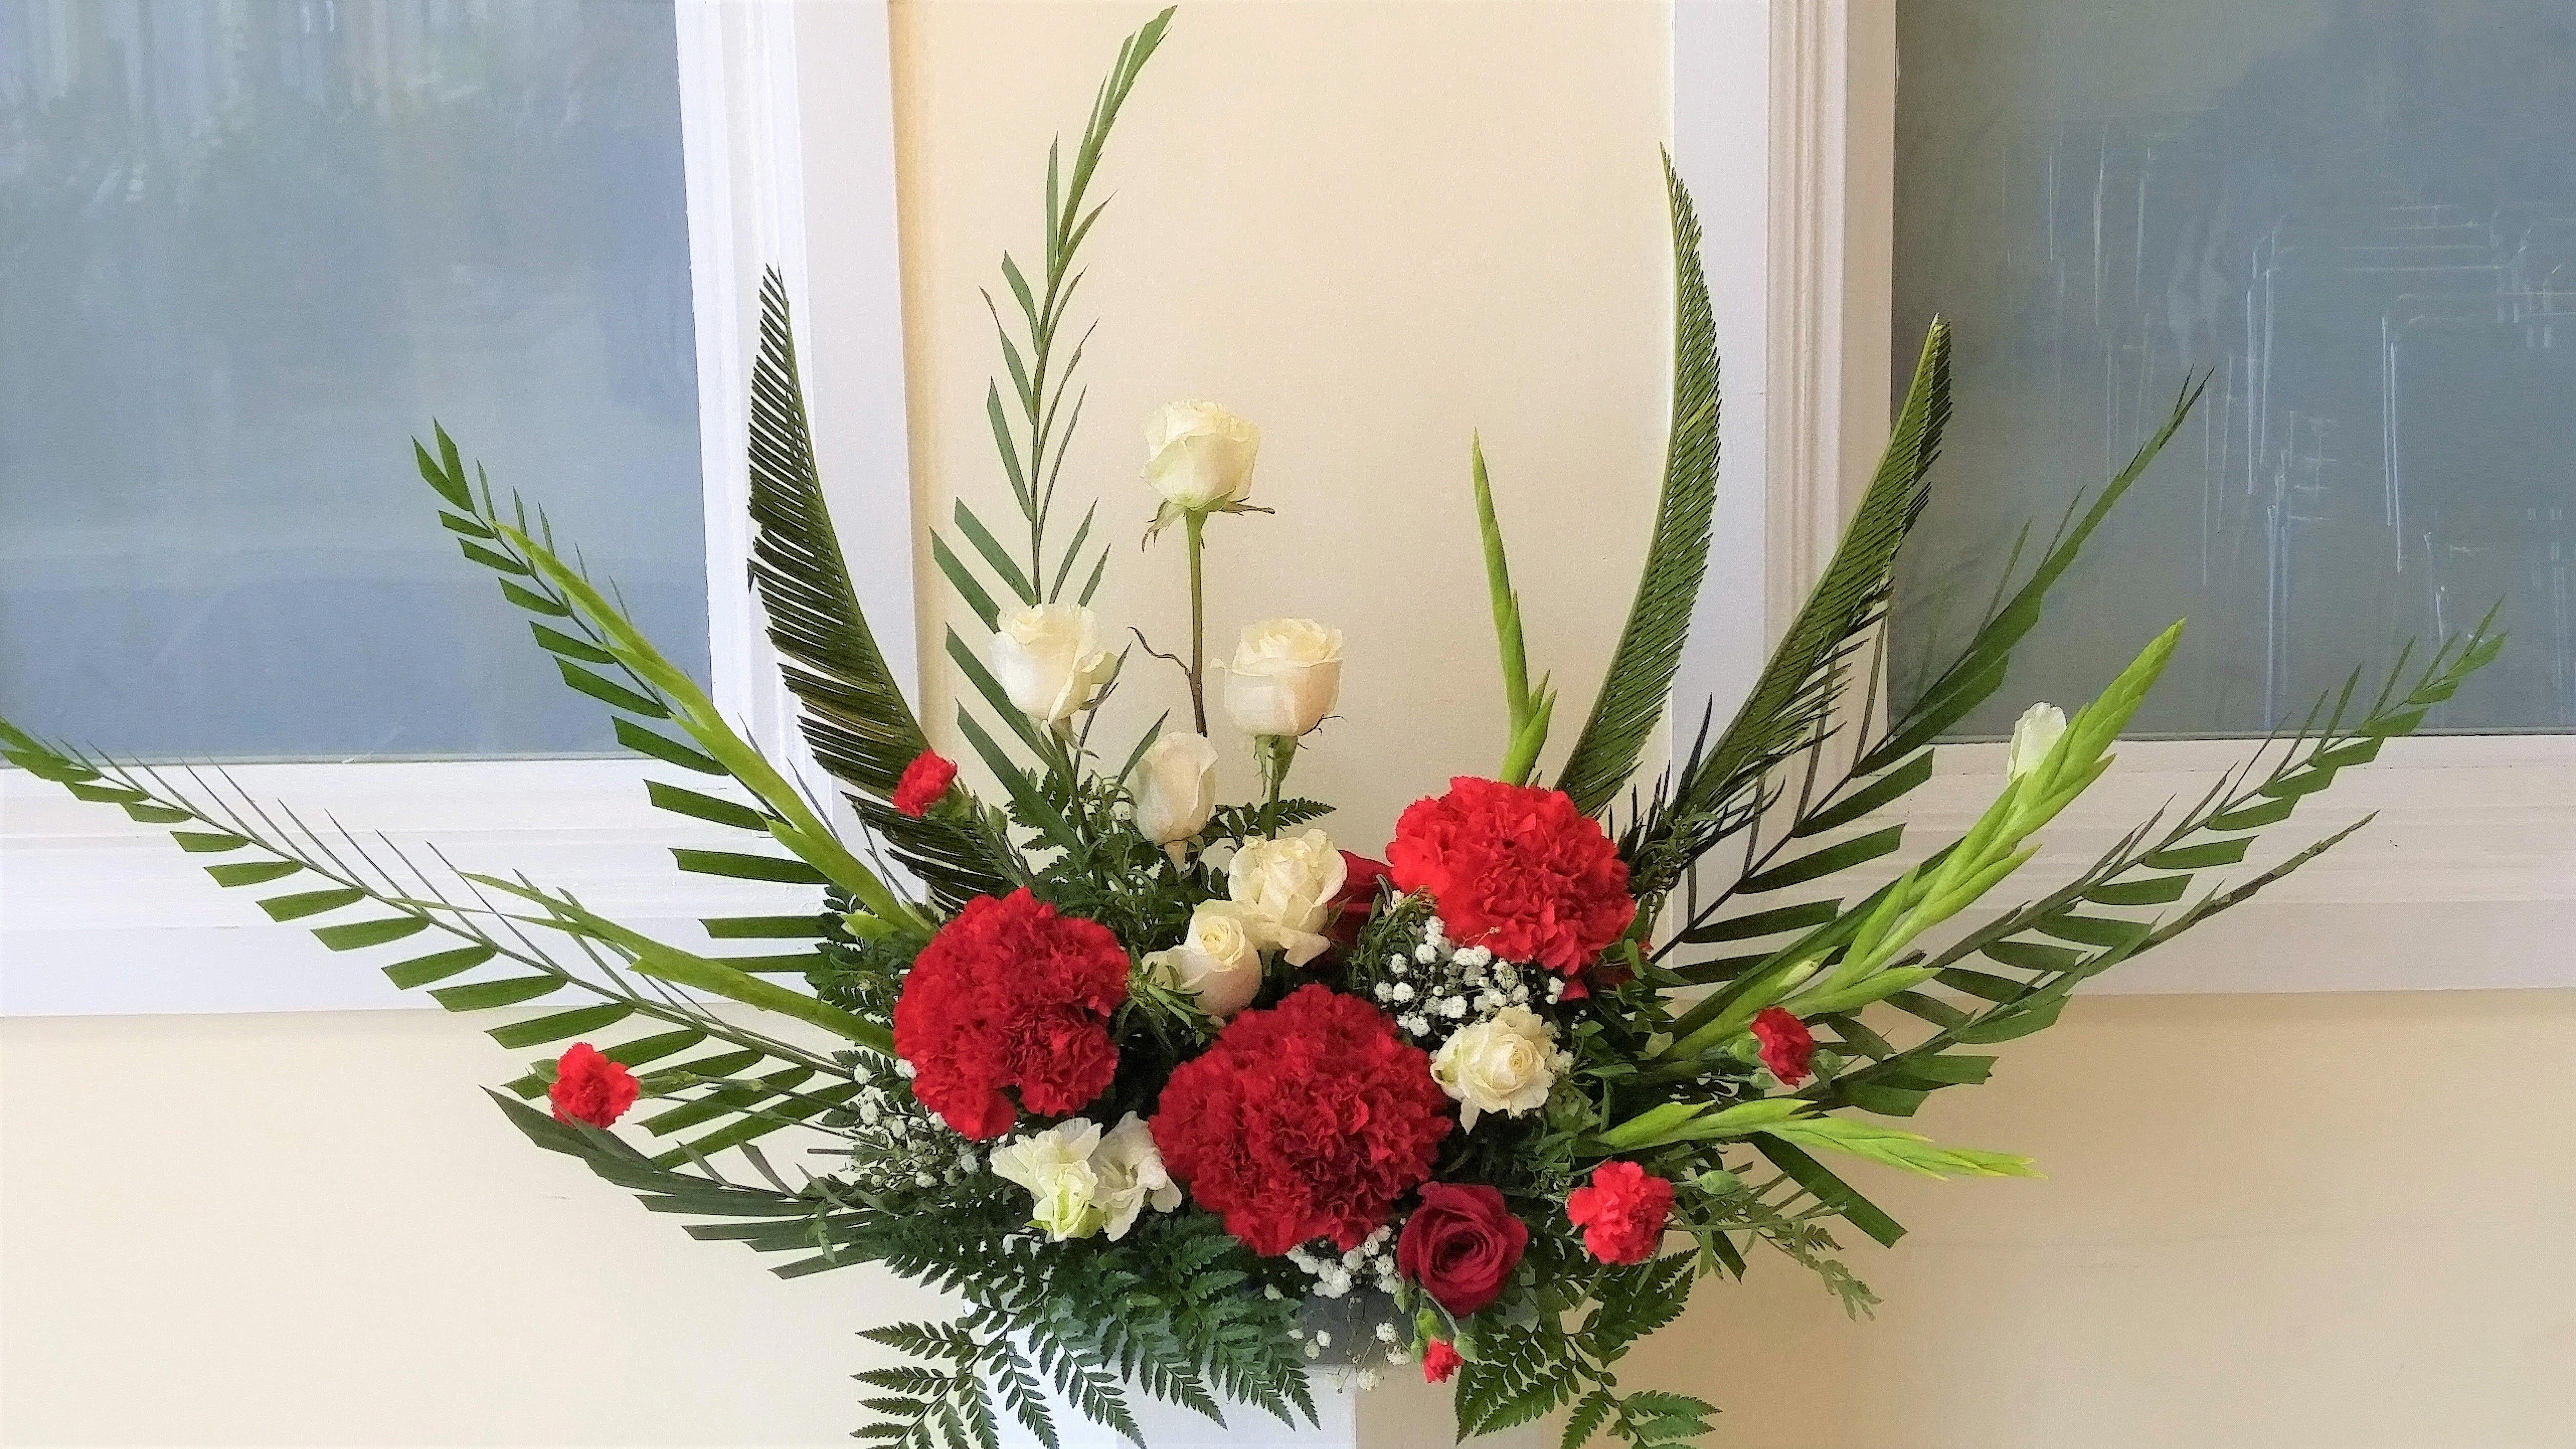 Church Altar Flower Arrangement Tropical Flower Arrangements Flower Arrangements Diy Ikebana Flower Arrangement